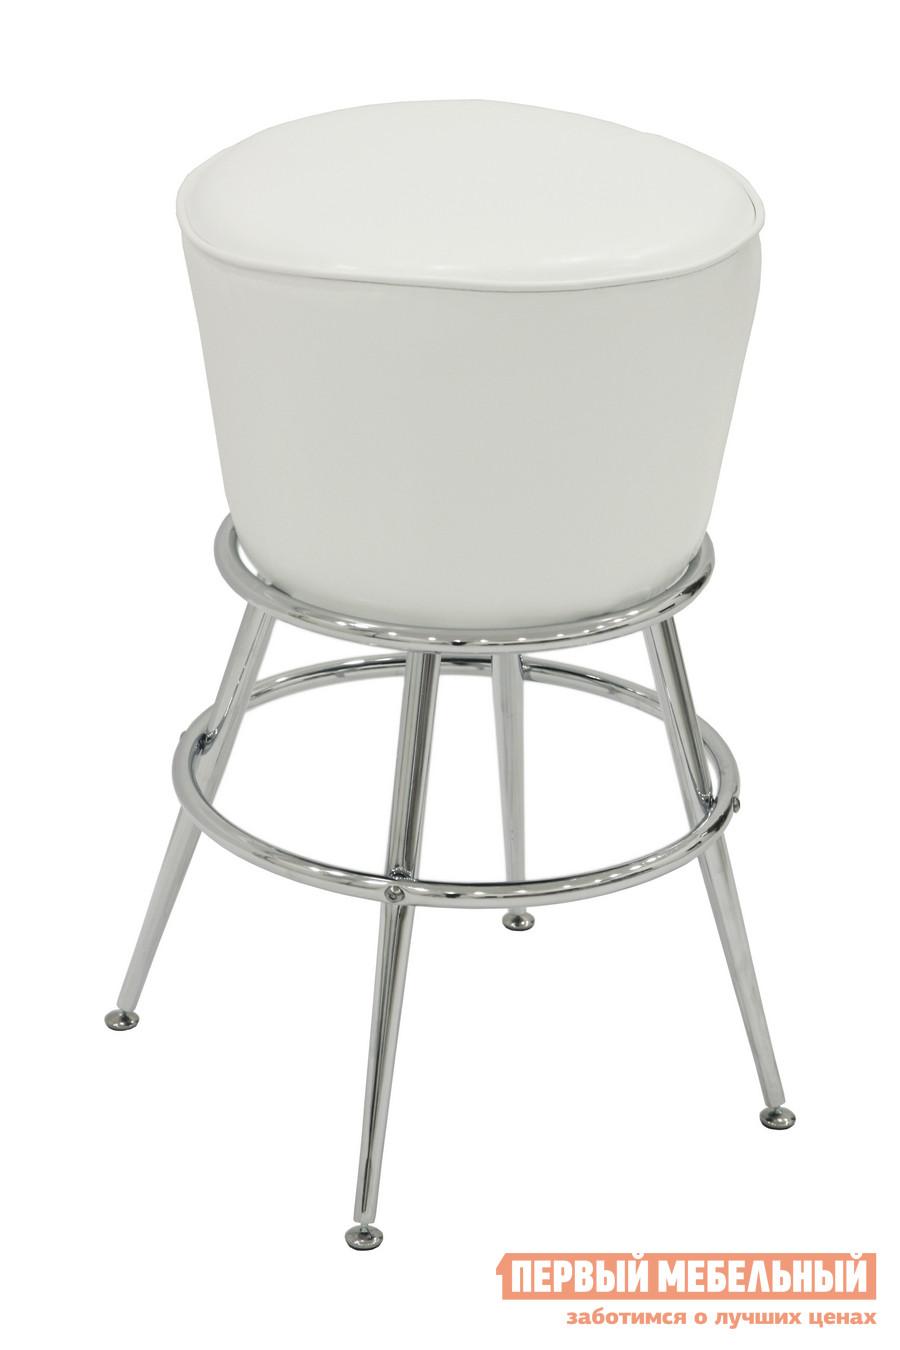 Барный стул Бентли Трейд JY-6016 SHINY WHITEБарные стулья<br>Габаритные размеры ВхШхГ 740x430x430 мм. Оригинальный мягкий барный стул.  За счет четырех ножек модель устойчива.  Под сидением есть удобное кольцо для ног. Обивка сиденья выполнена из эко-кожи, каркас металлический.  Максимальная нагрузка на стул составляет 120 кг.<br><br>Цвет: SHINY WHITE<br>Цвет: Белый<br>Высота мм: 740<br>Ширина мм: 430<br>Глубина мм: 430<br>Форма поставки: В разобранном виде<br>Срок гарантии: 6 месяцев<br>Тип: Для кухни, Нерегулируемые, Высота сиденья 701-800мм<br>Материал: Металлические, из искусственной кожи<br>Форма: Круглые<br>Особенности: С мягким сиденьем, С четырьмя ножками, Без спинки